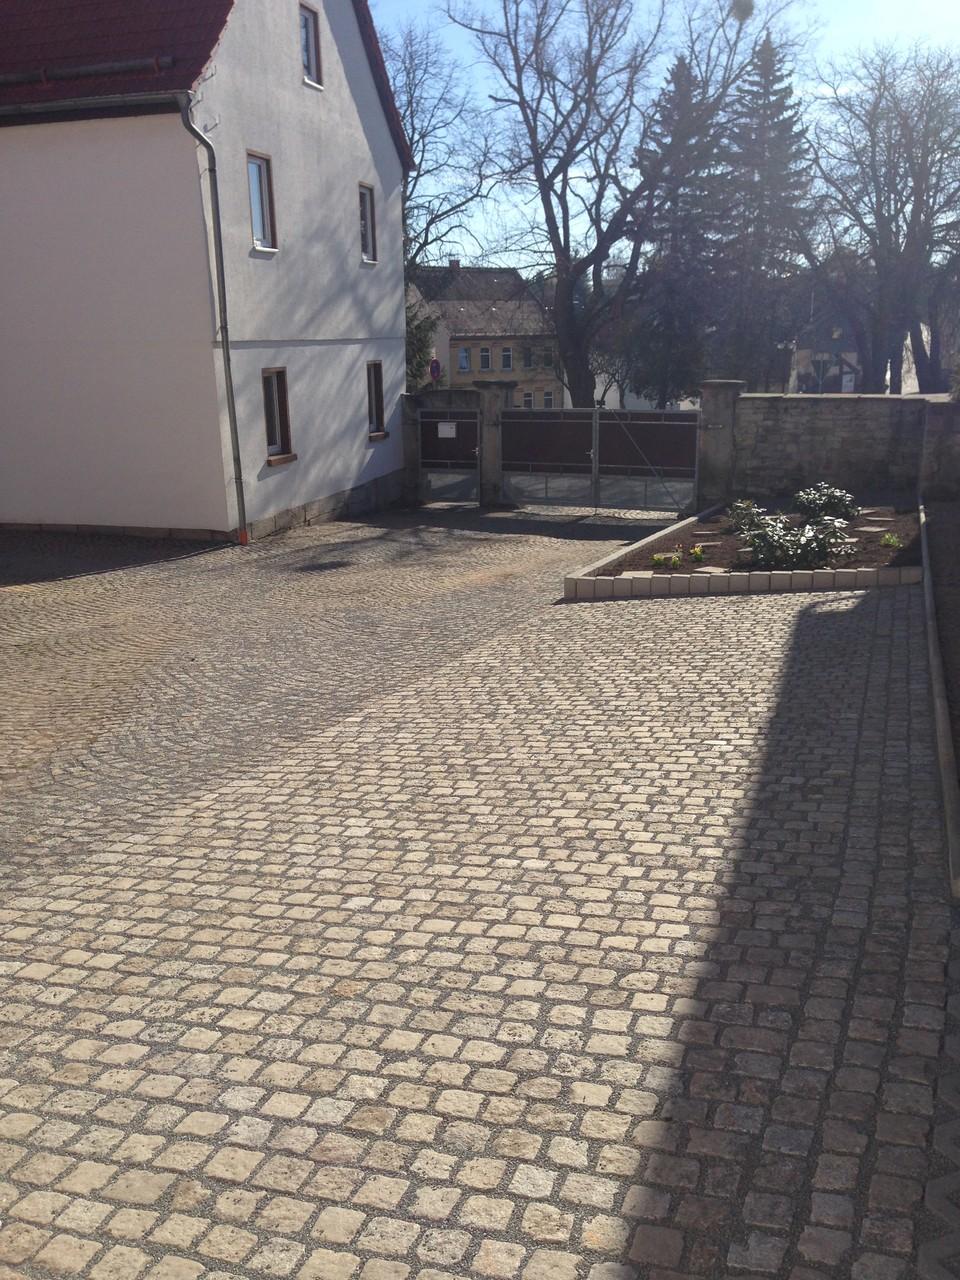 Oberflächenregulierung Innenhof in Granitkleinpflaster